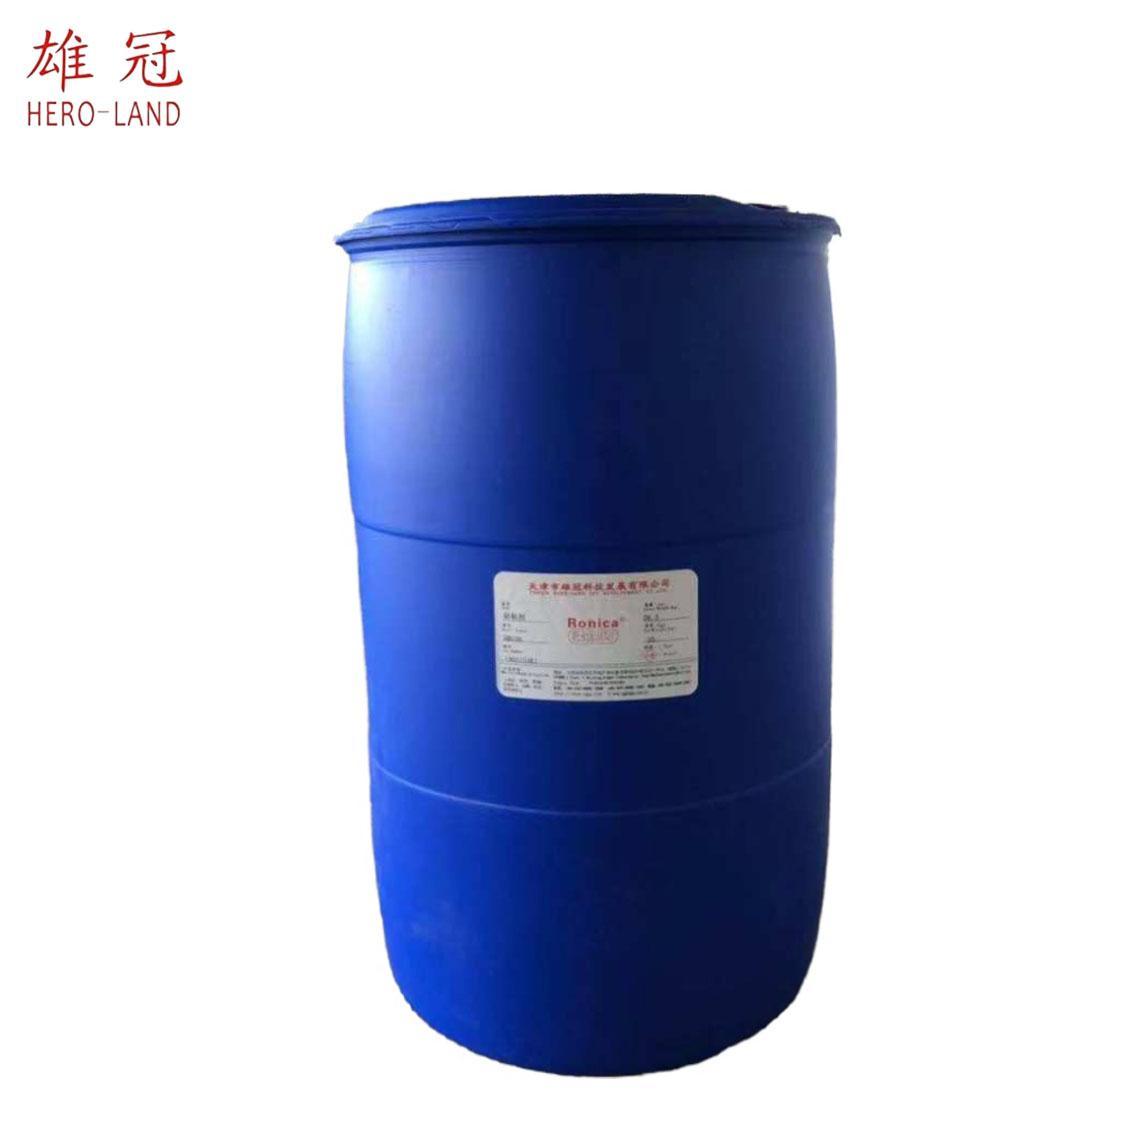 有机硅消泡剂  2